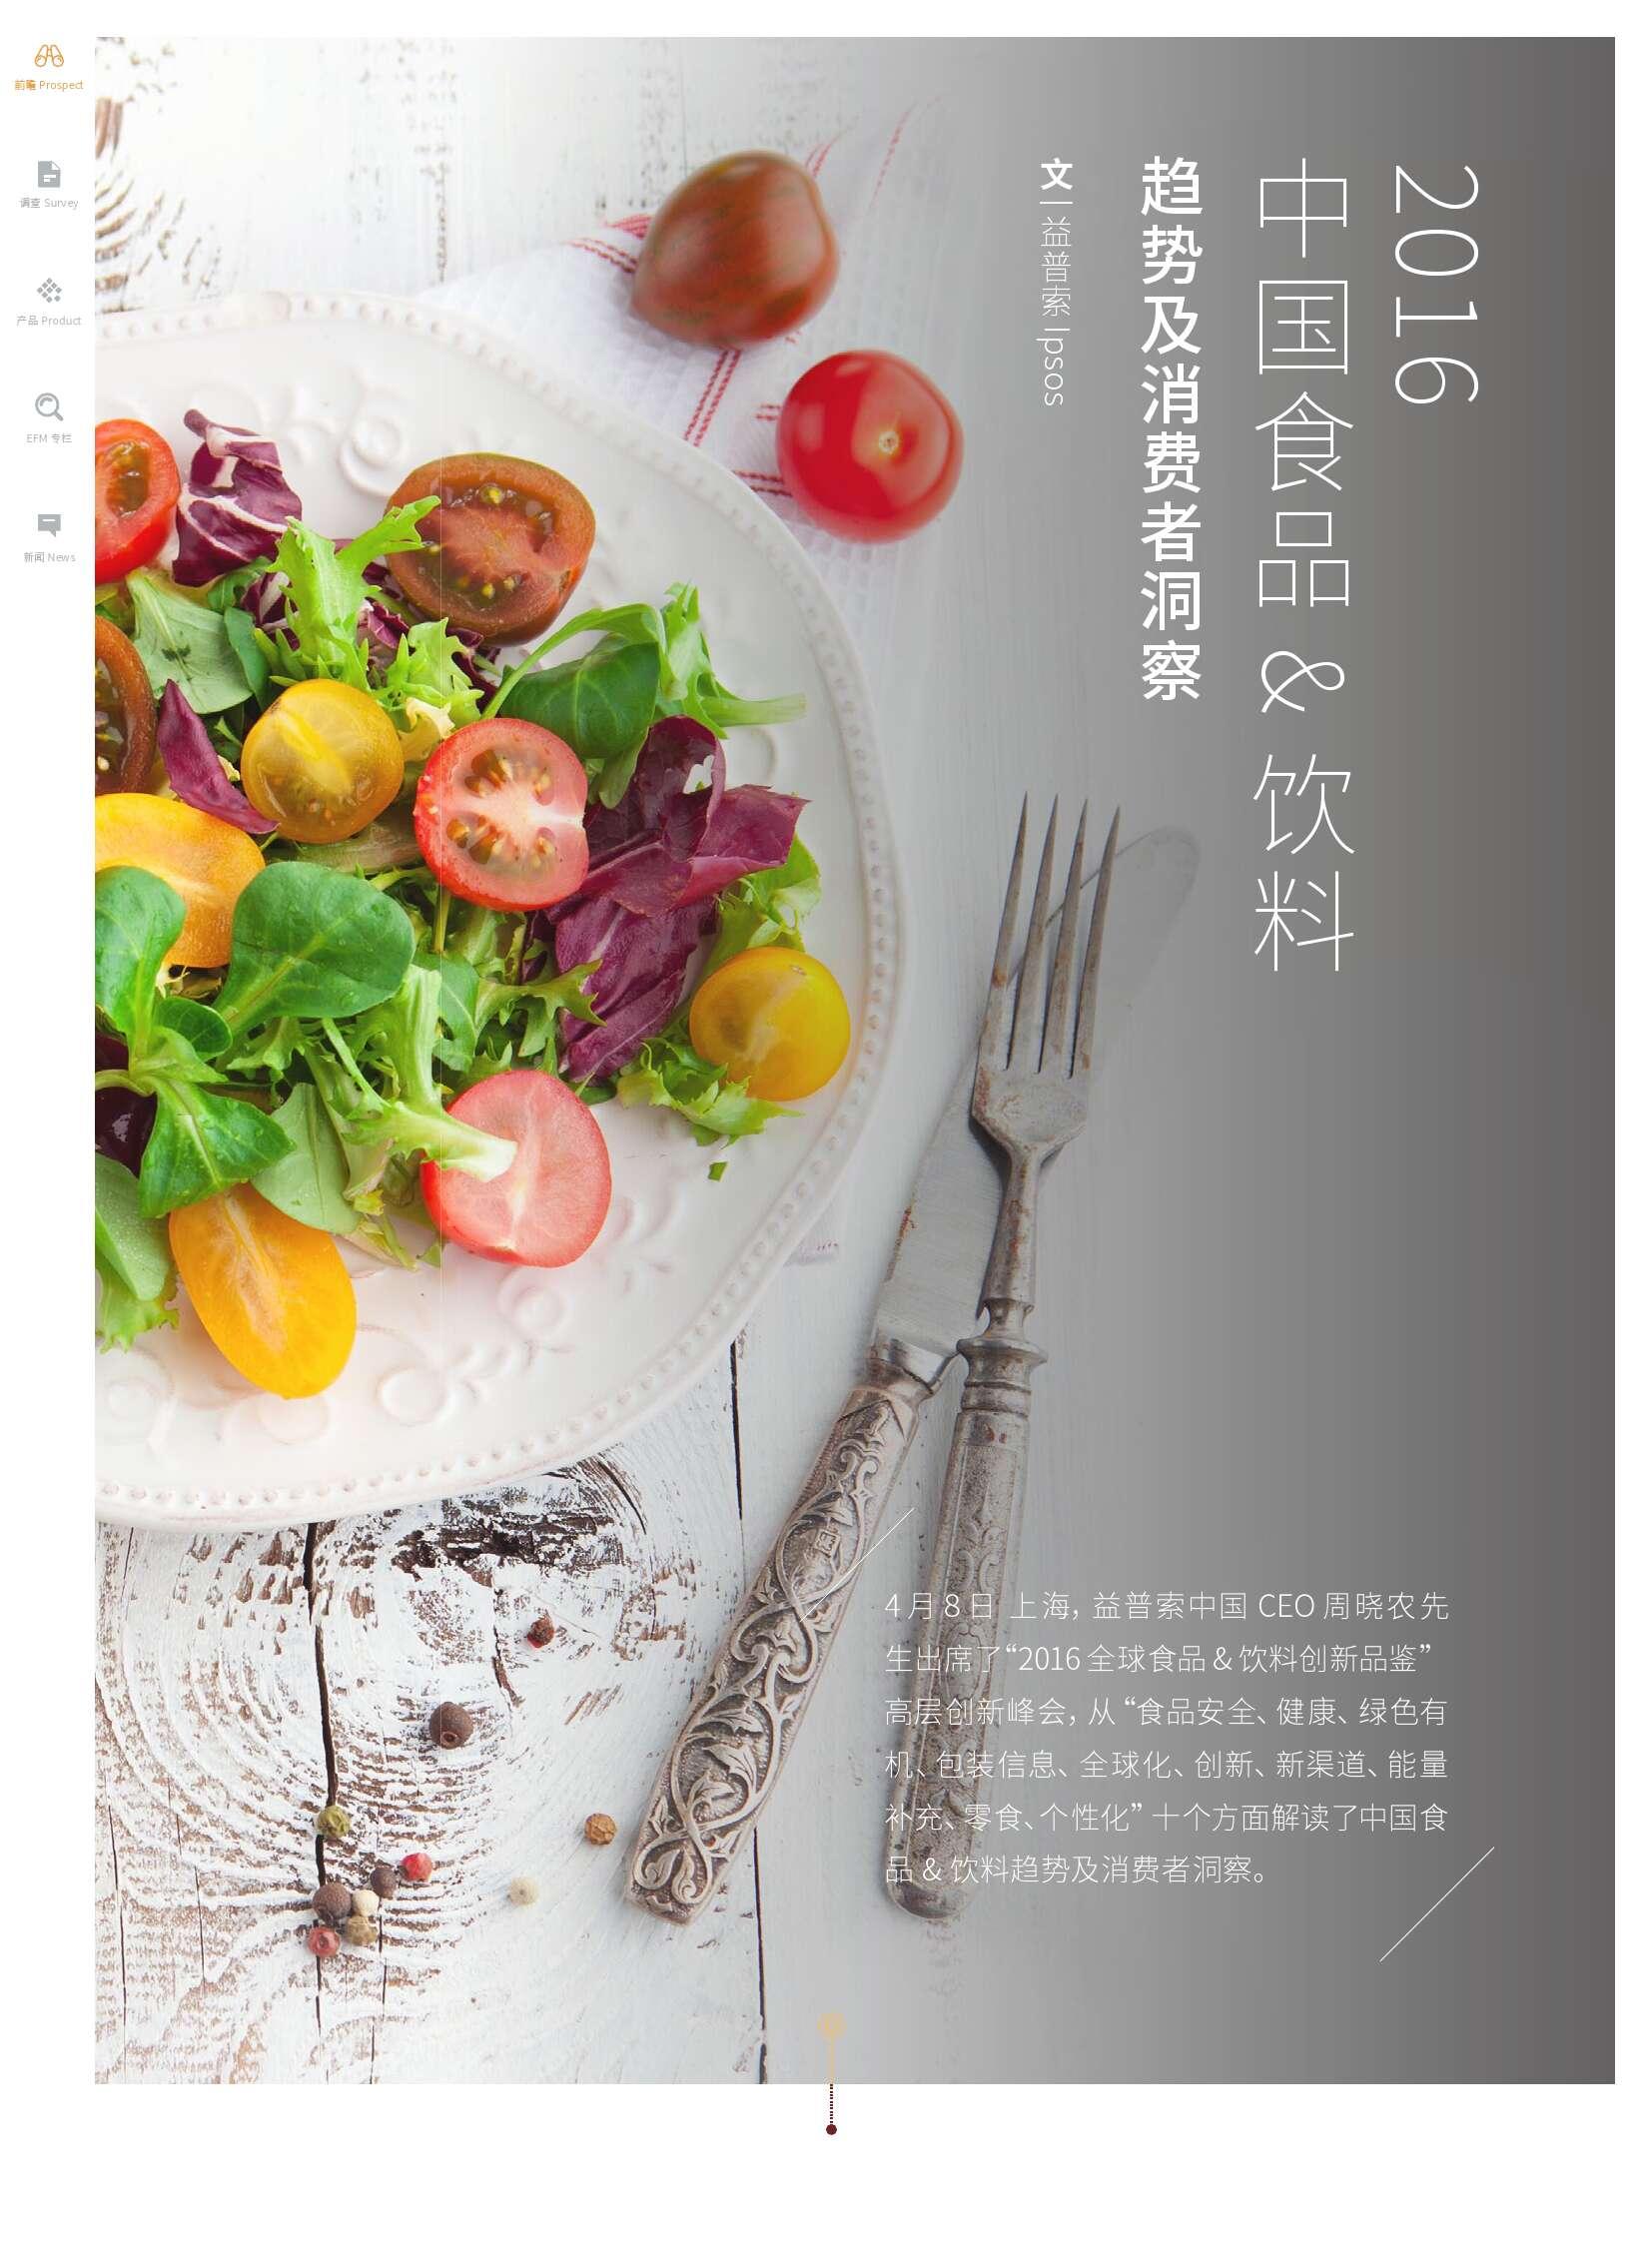 2016中国食品&饮料趋势及消费者洞察_000002